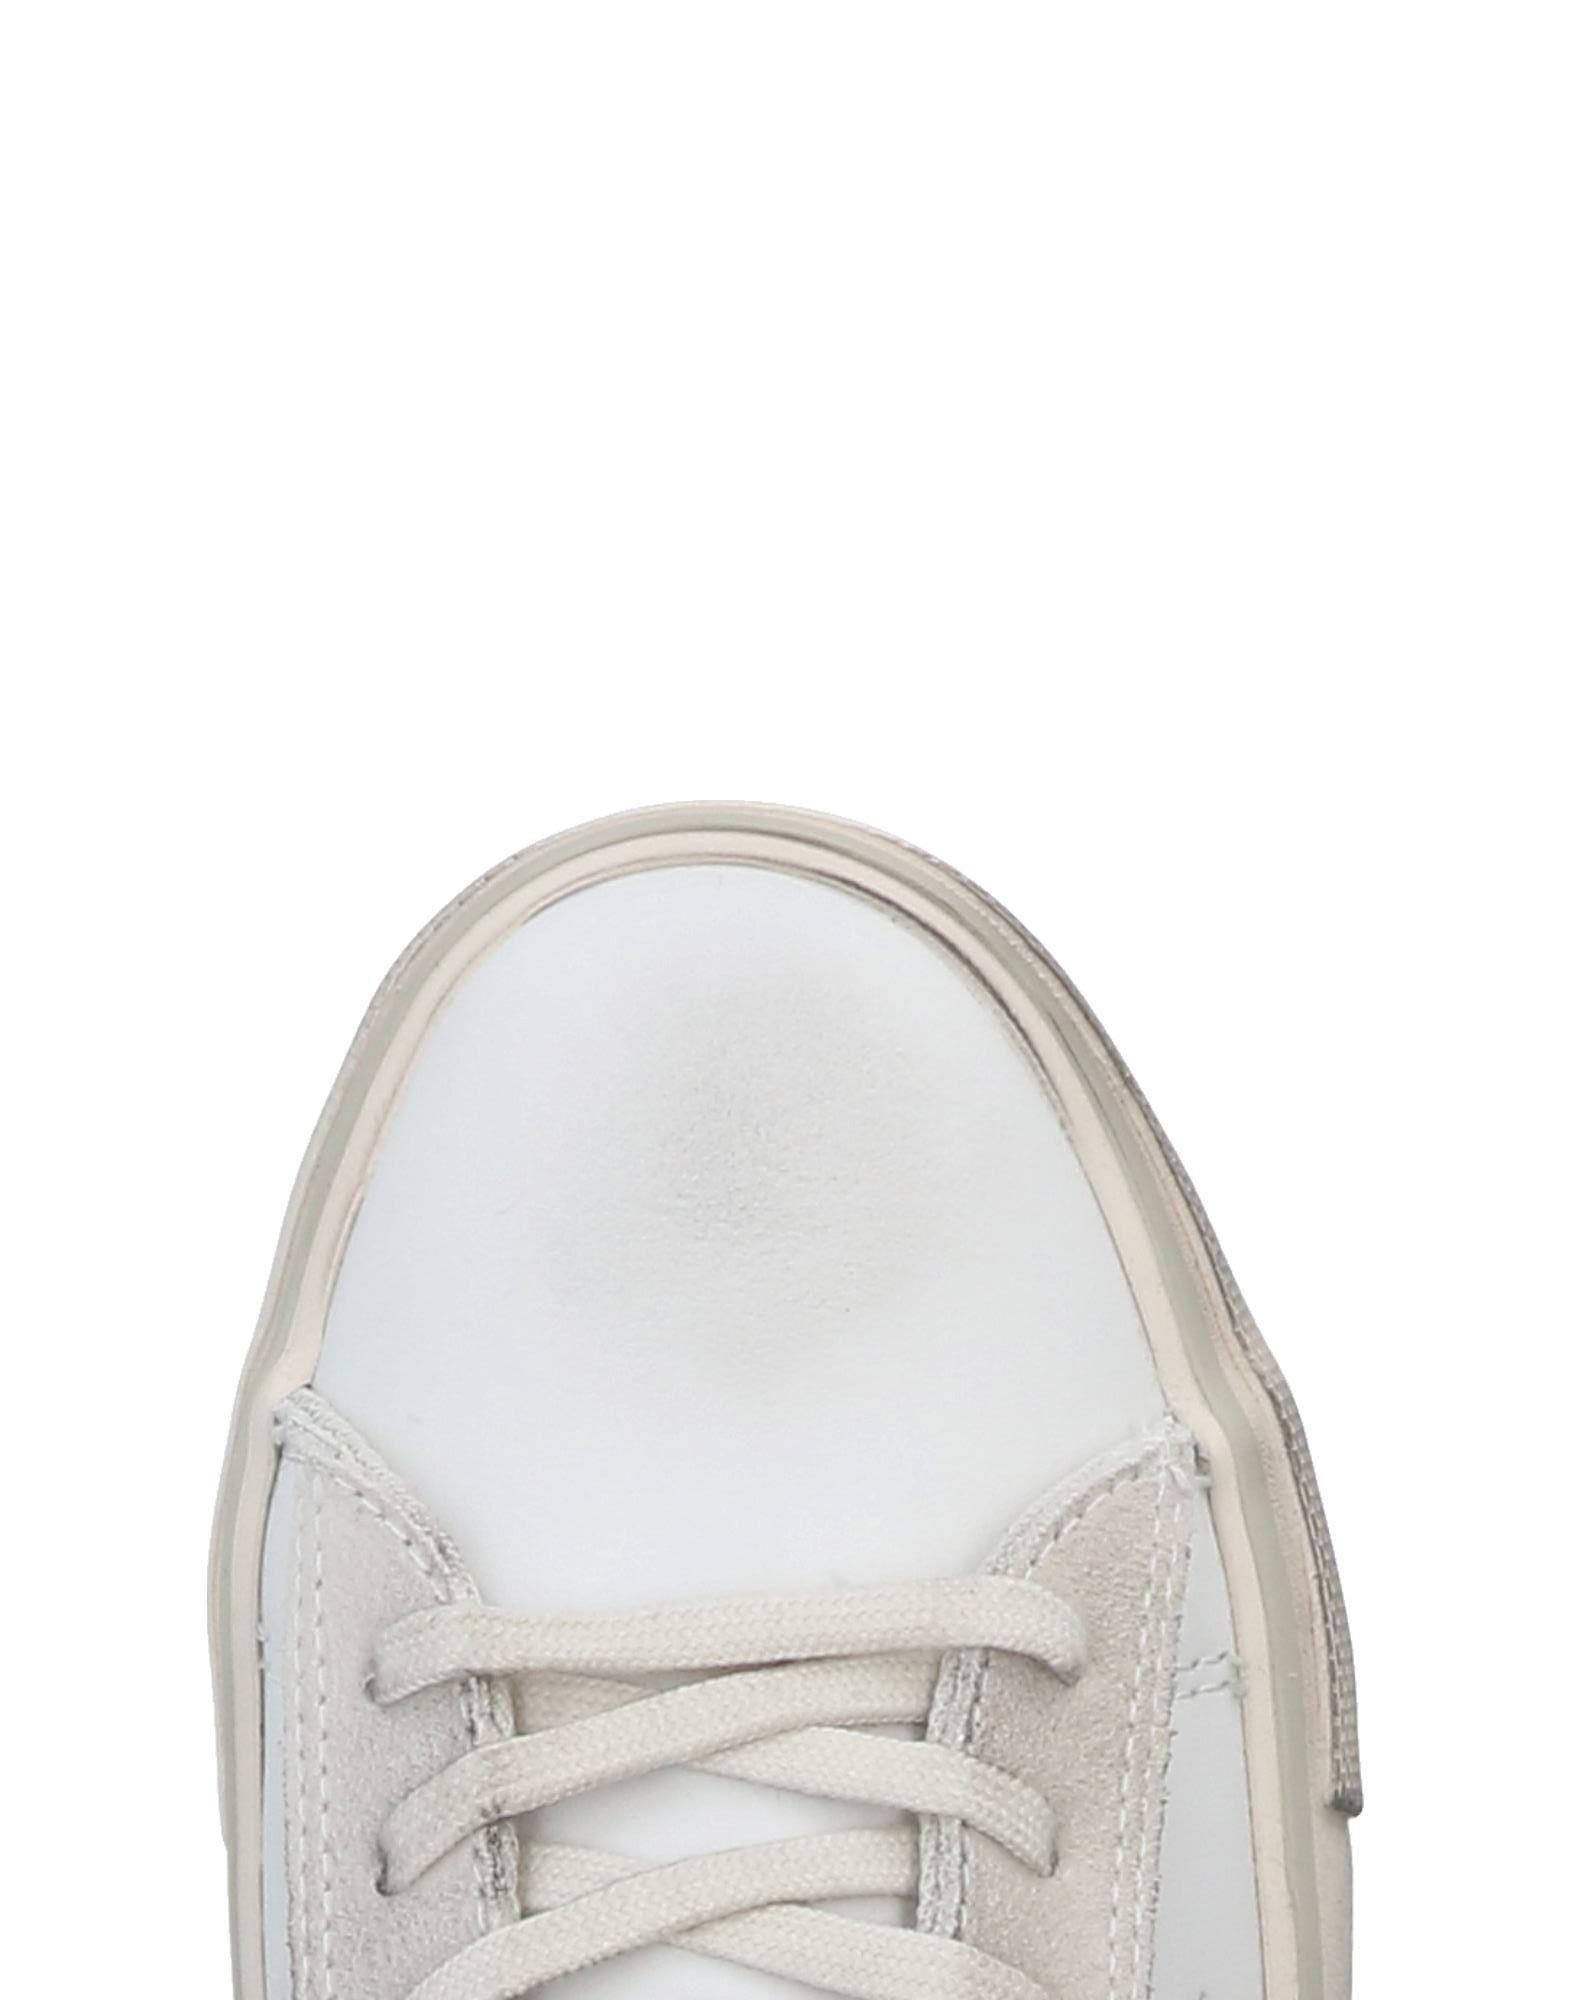 Converse 11449576DD Cons Sneakers Damen  11449576DD Converse Gute Qualität beliebte Schuhe 730e33